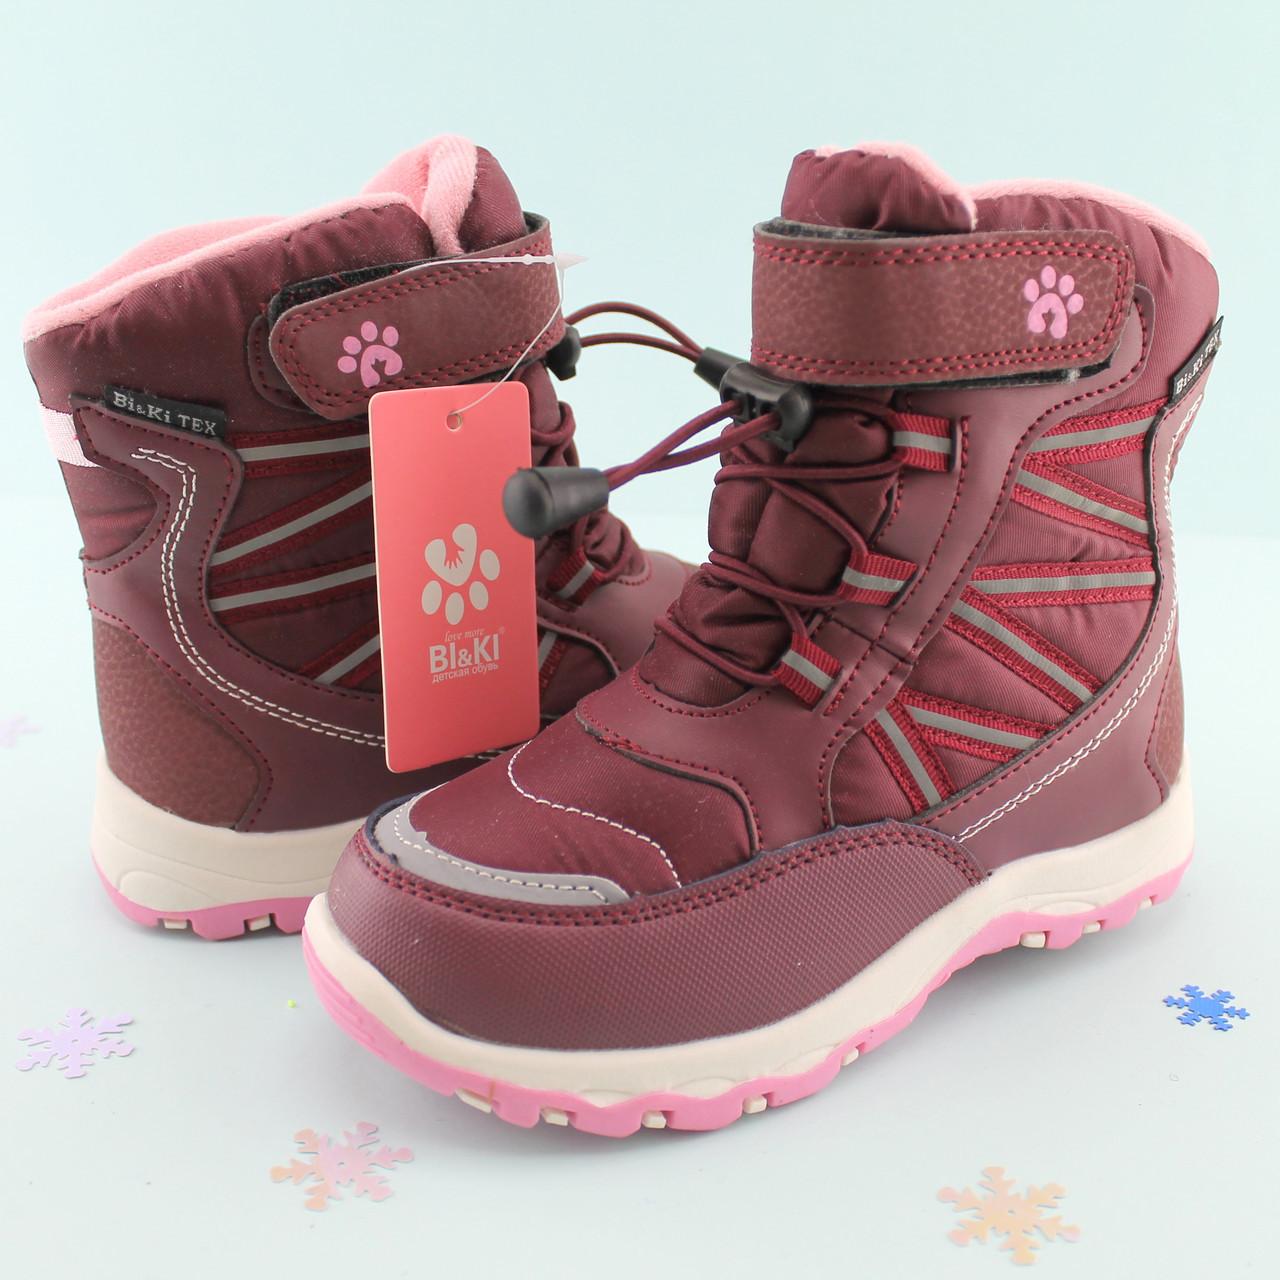 Термоботинки для девочки бренд обуви Bi Ki размер 32 - BonKids - детский  магазин обуви в Киеве f1a629afc89d7